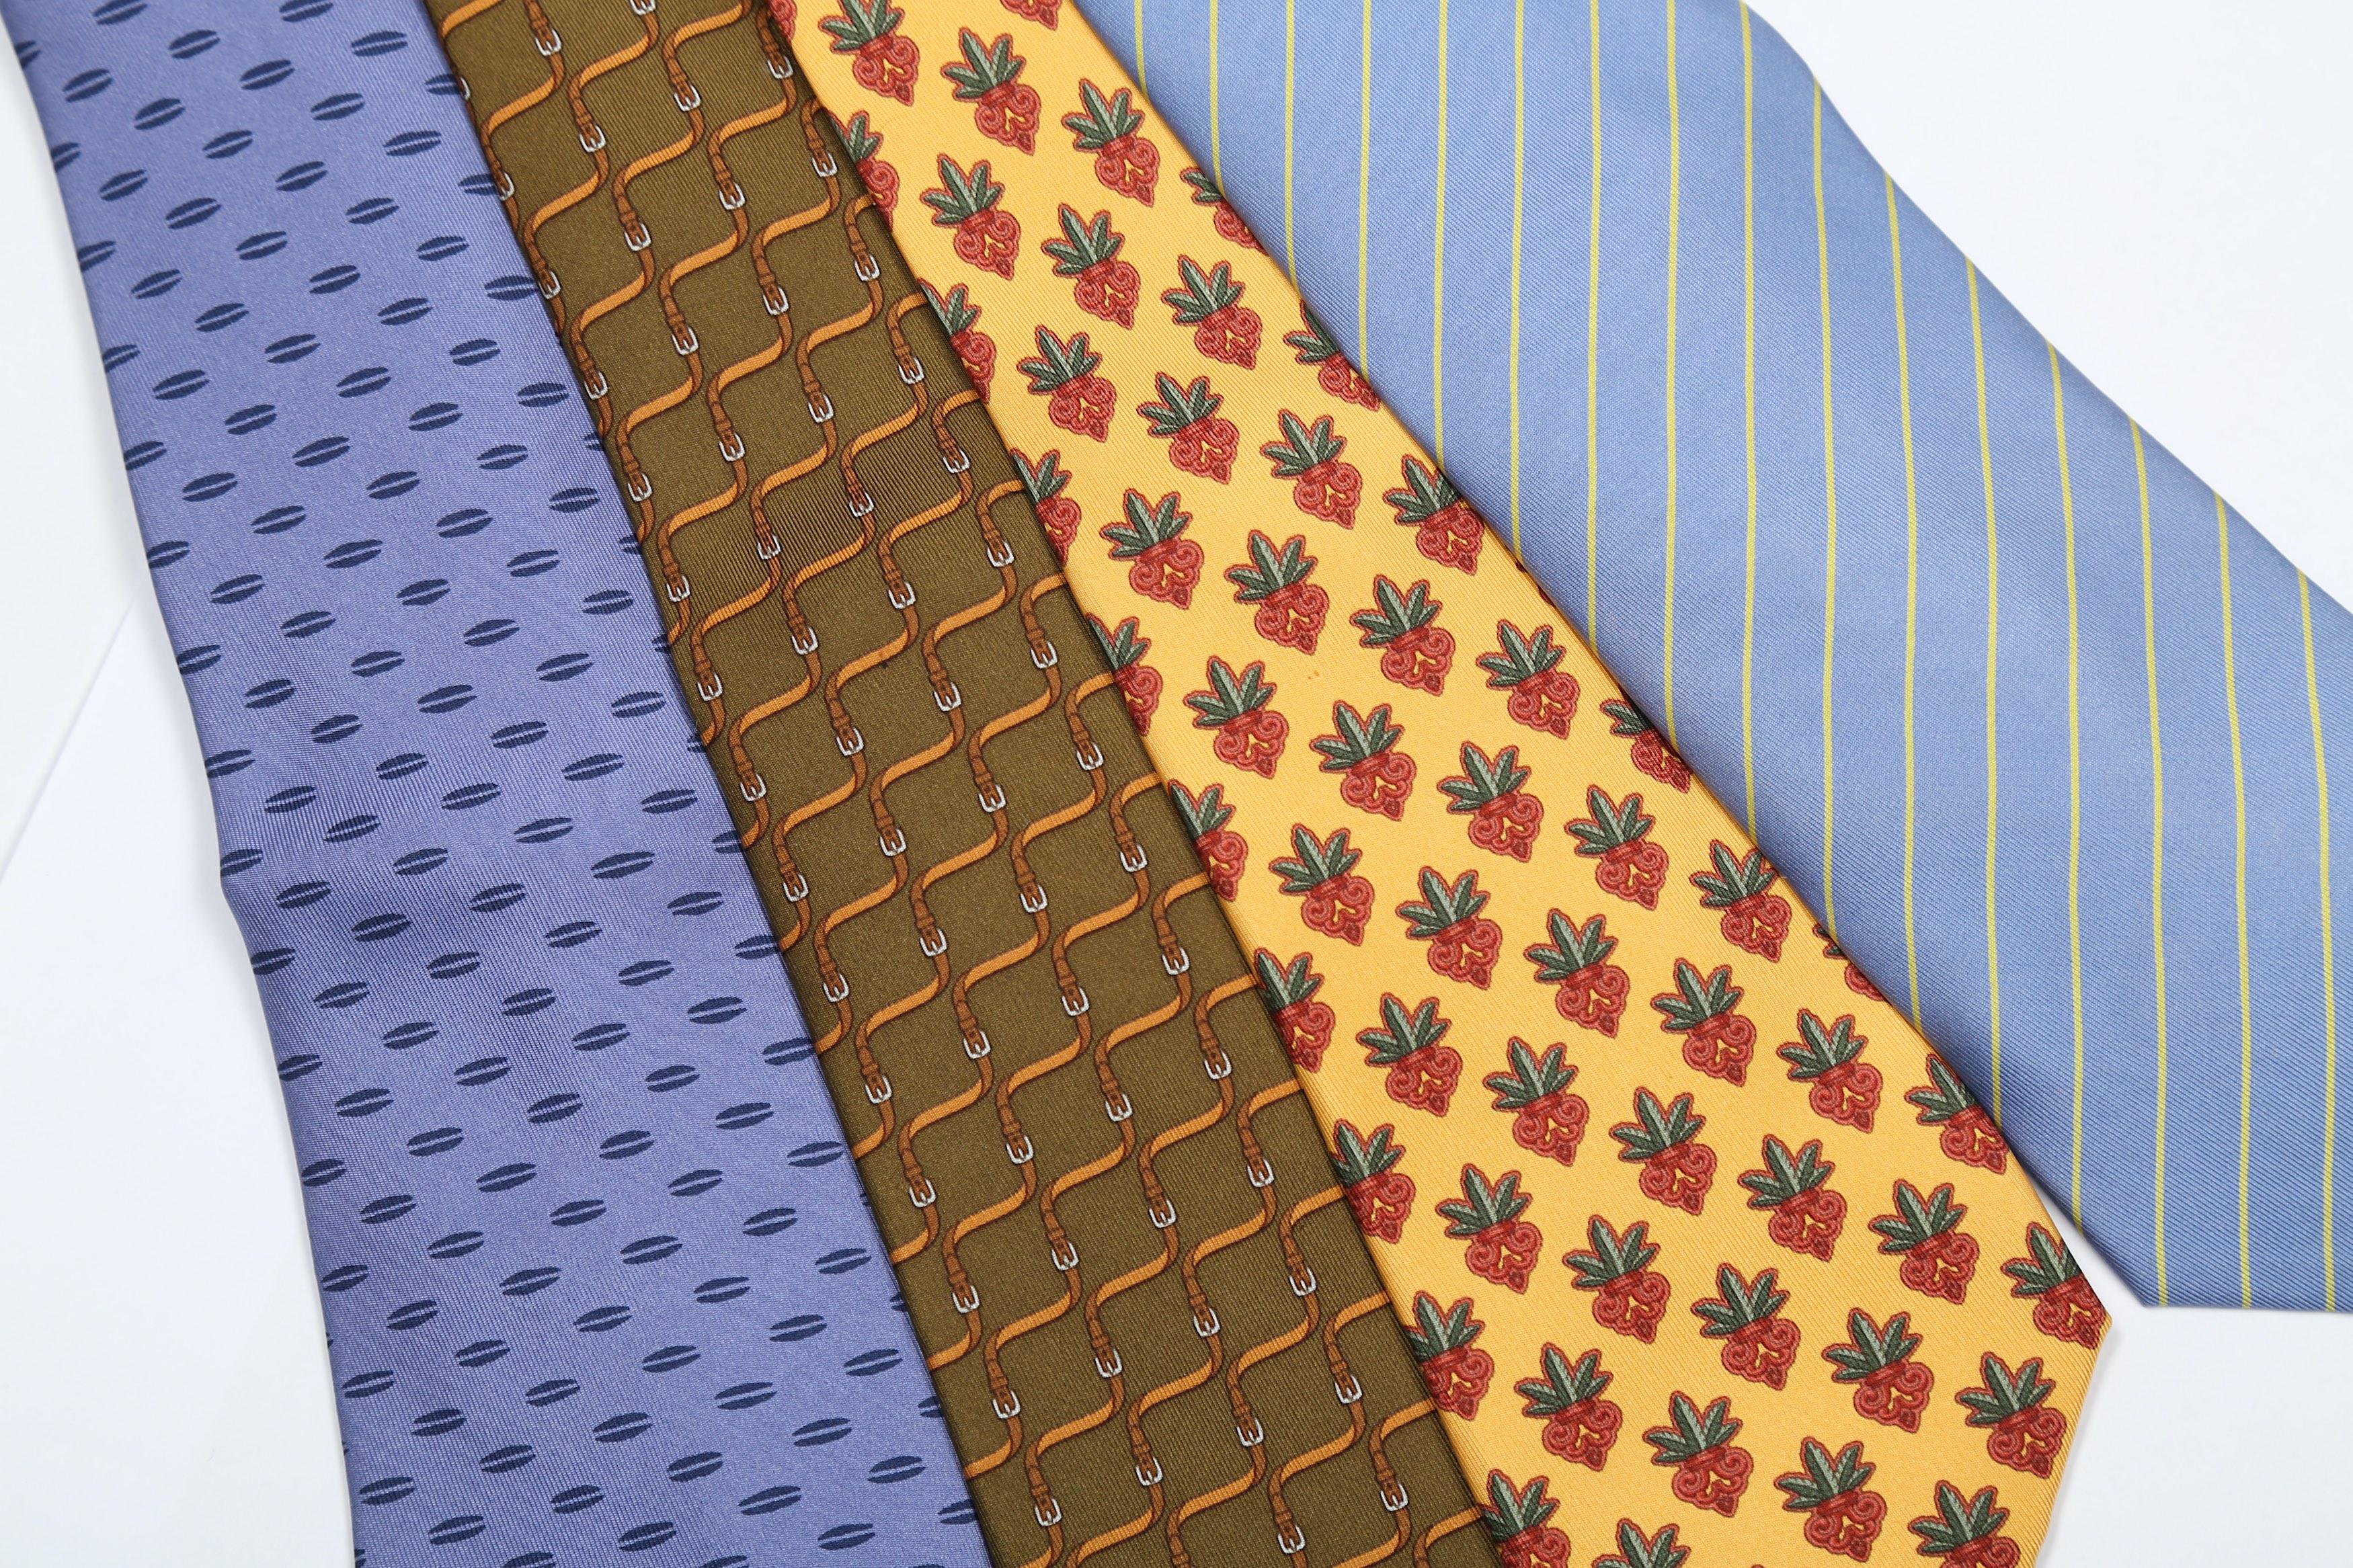 Hermes Silk Ties - Image 2 of 3